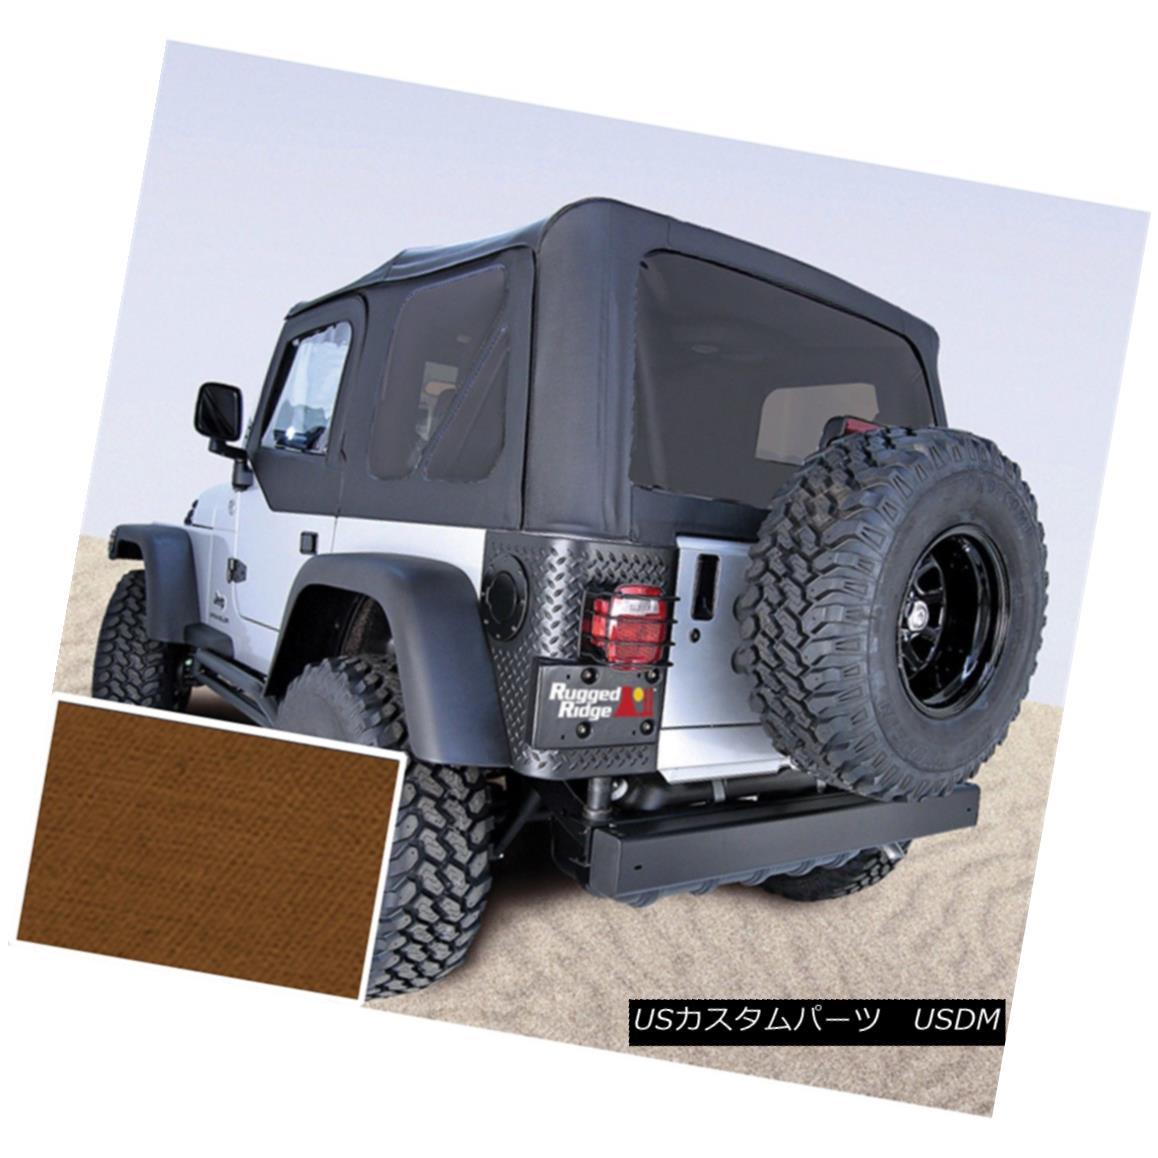 幌・ソフトトップ Rugged Ridge 13724.33 Replacement Soft Top Fits 97-02 Wrangler (TJ) 頑丈なリッジ13724.33交換用ソフトトップフィット97-02ラングラー(TJ)